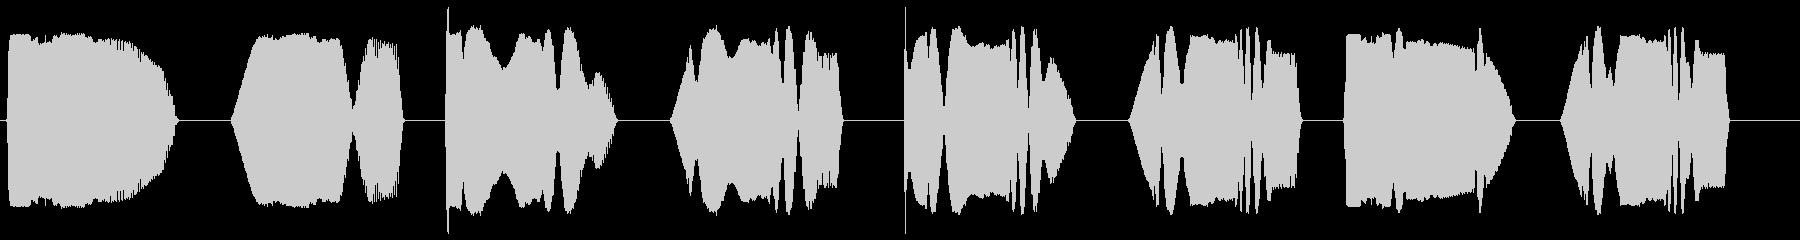 ゲームで得点が増える時の音の未再生の波形